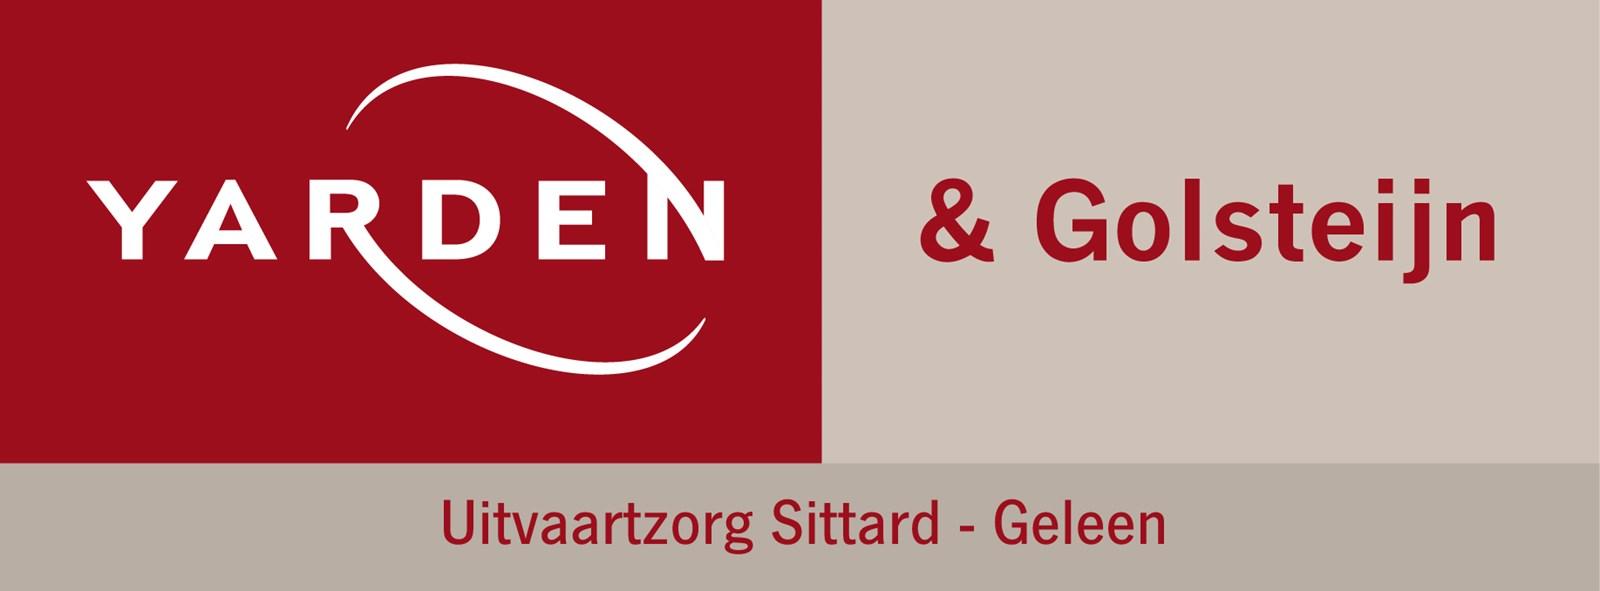 Logo van Yarden & Golsteijn Uitvaartzorg Sittard-Geleen